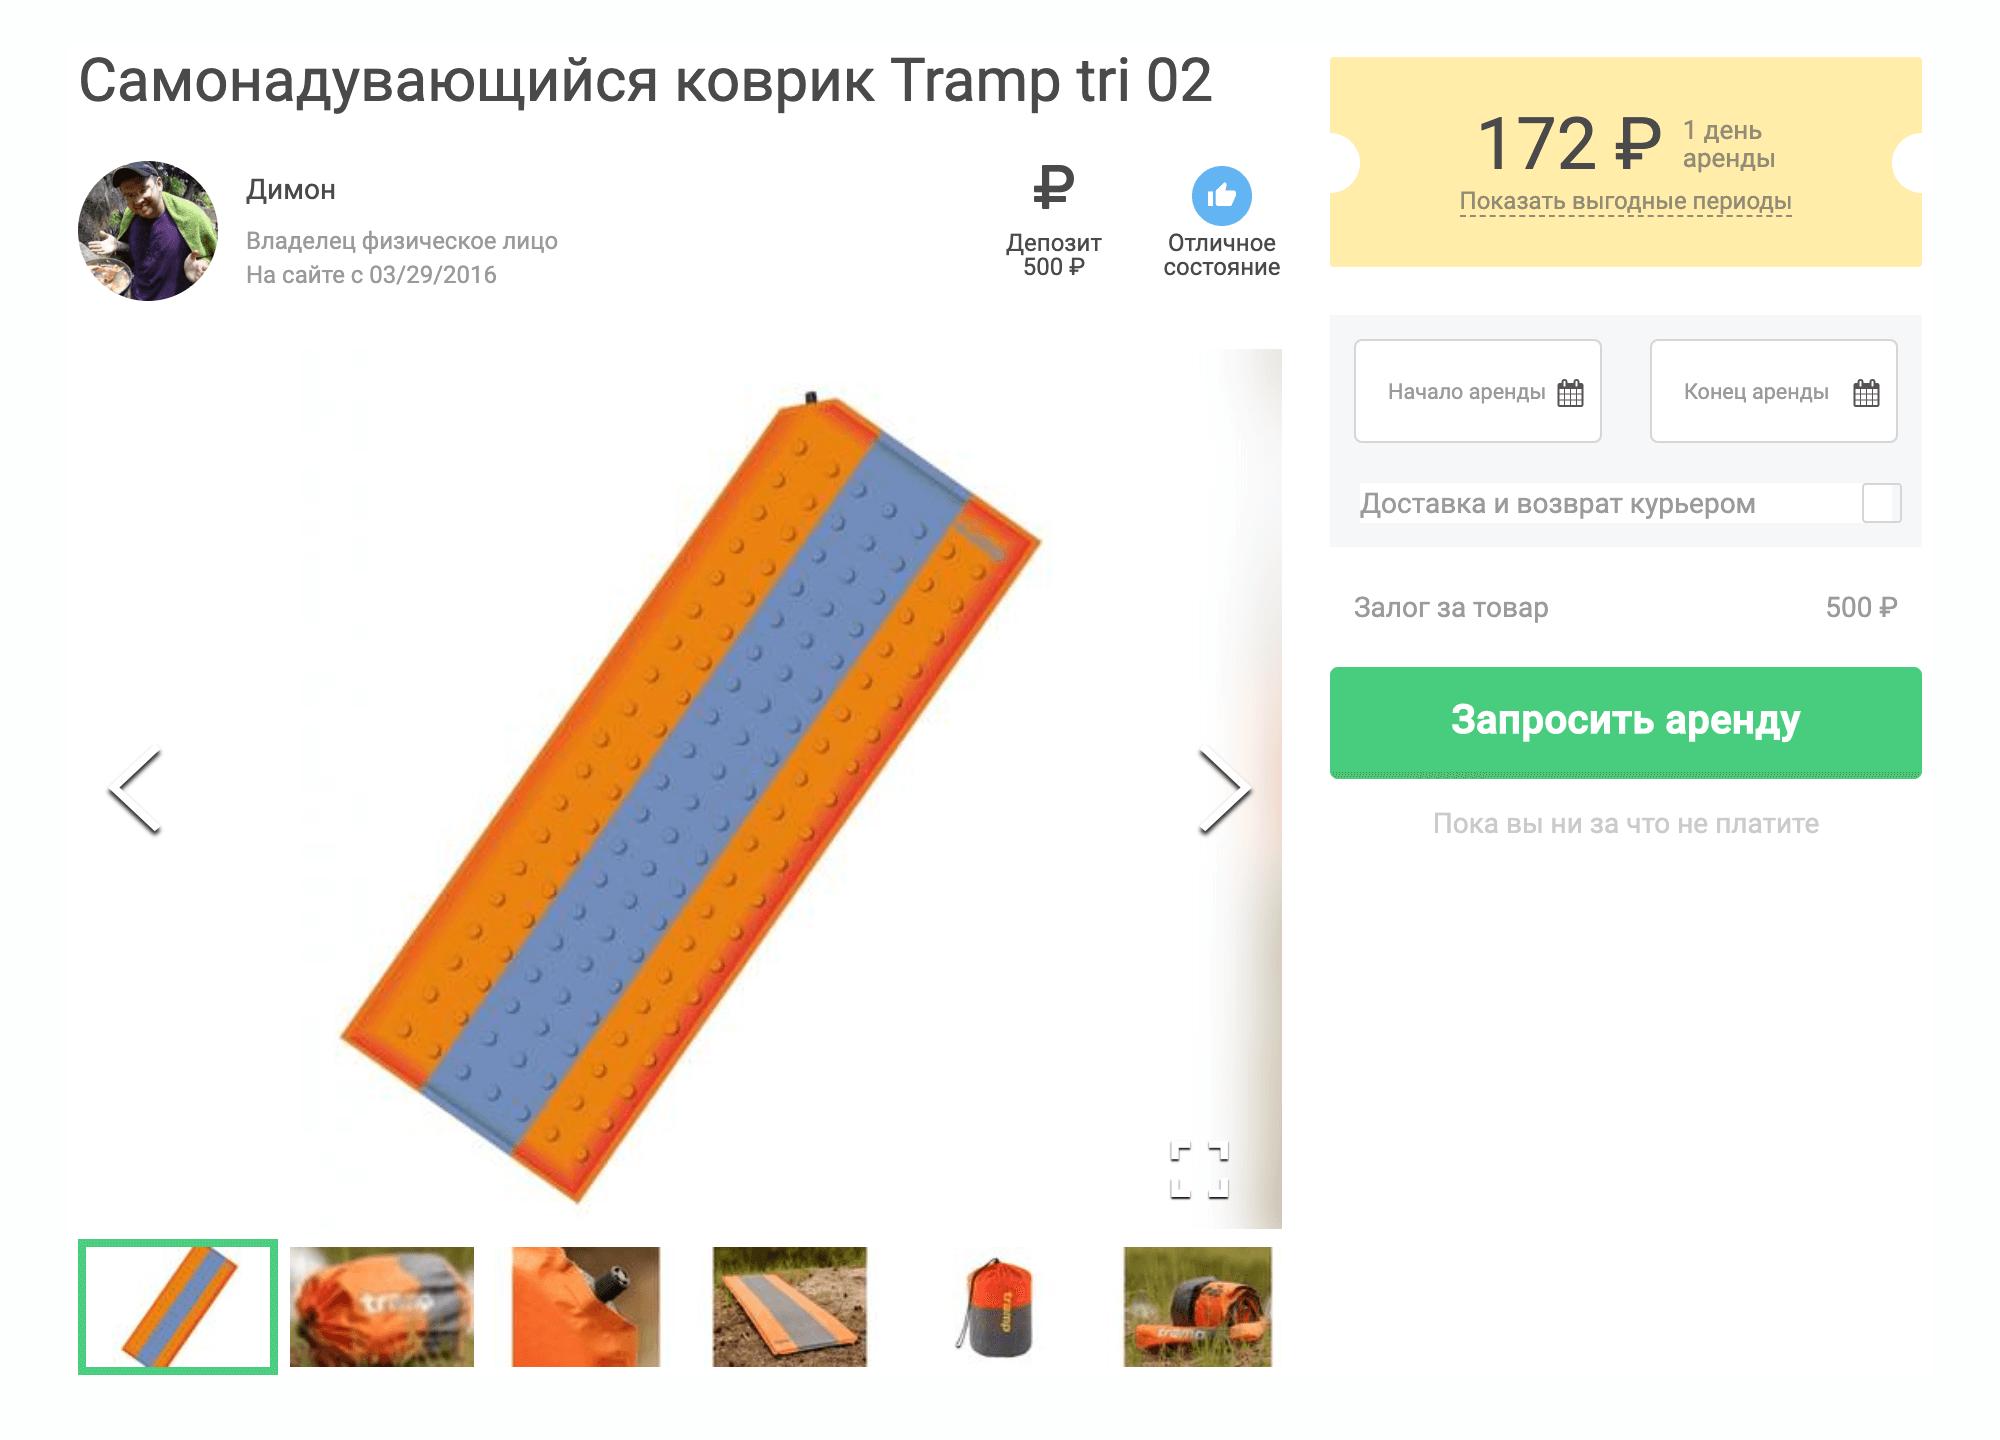 Такой коврик рассчитан на вес до 75 кг